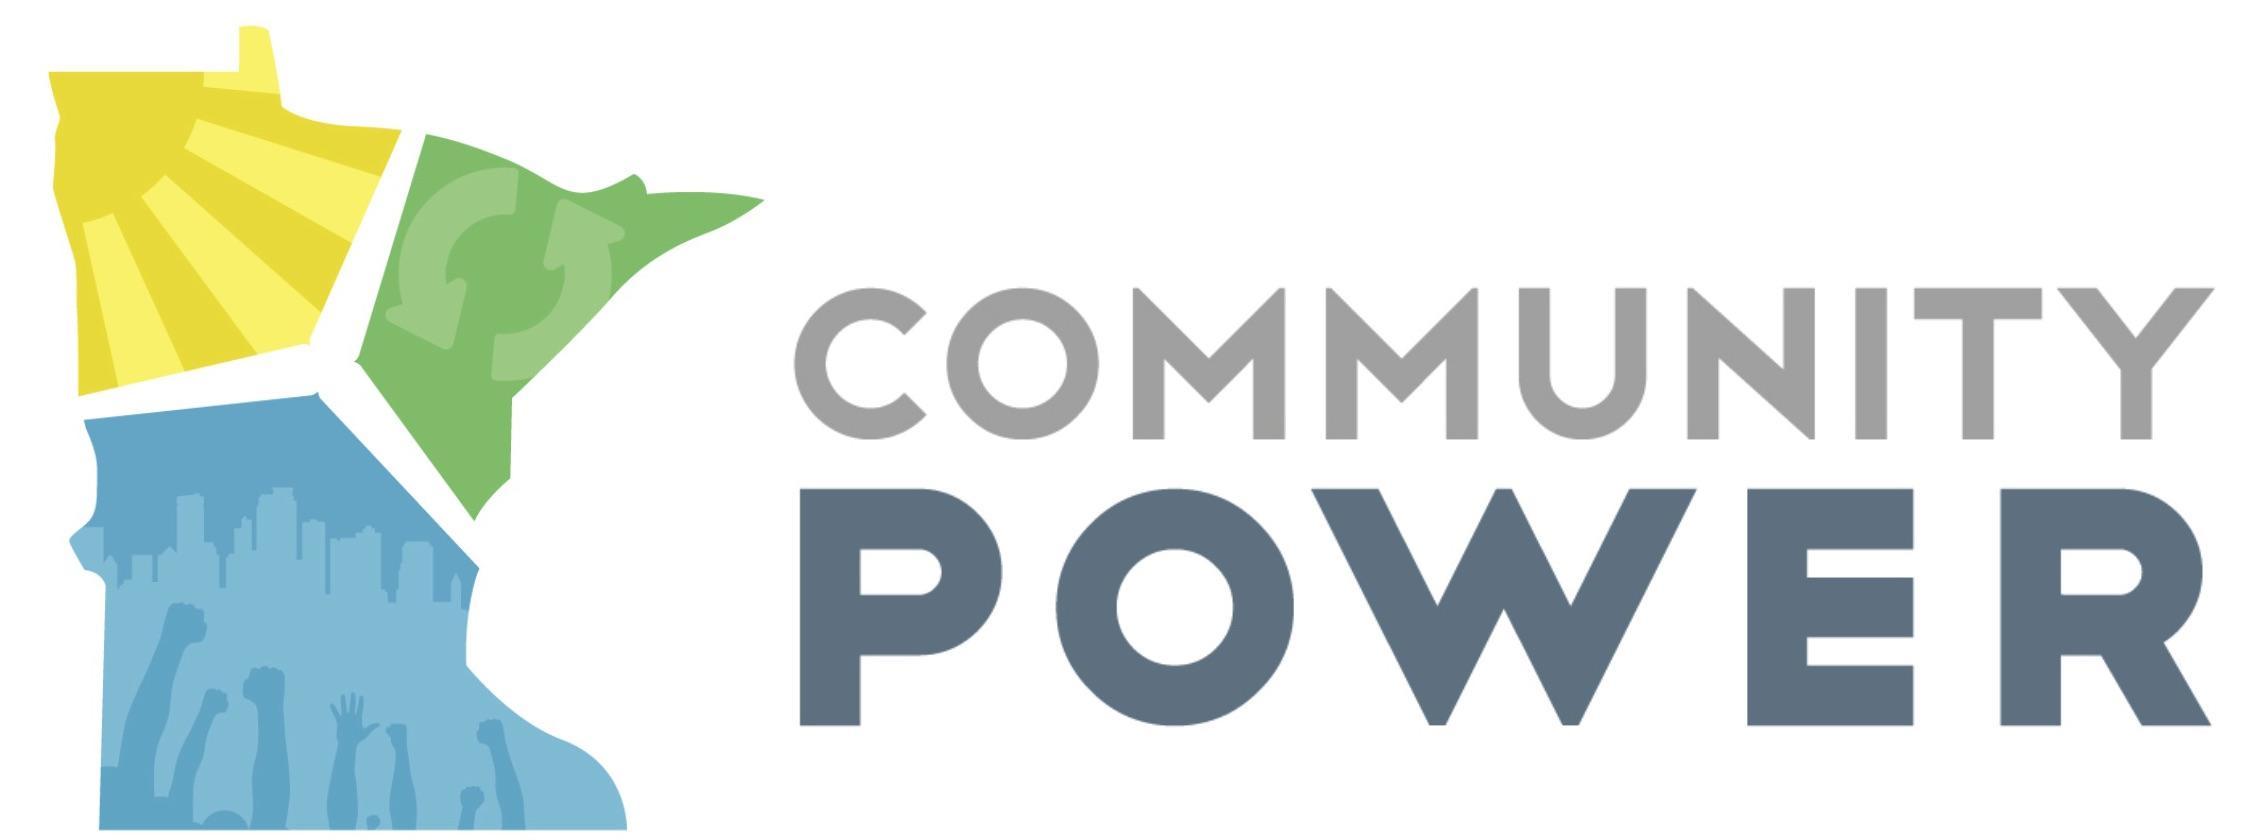 Community Power company logo